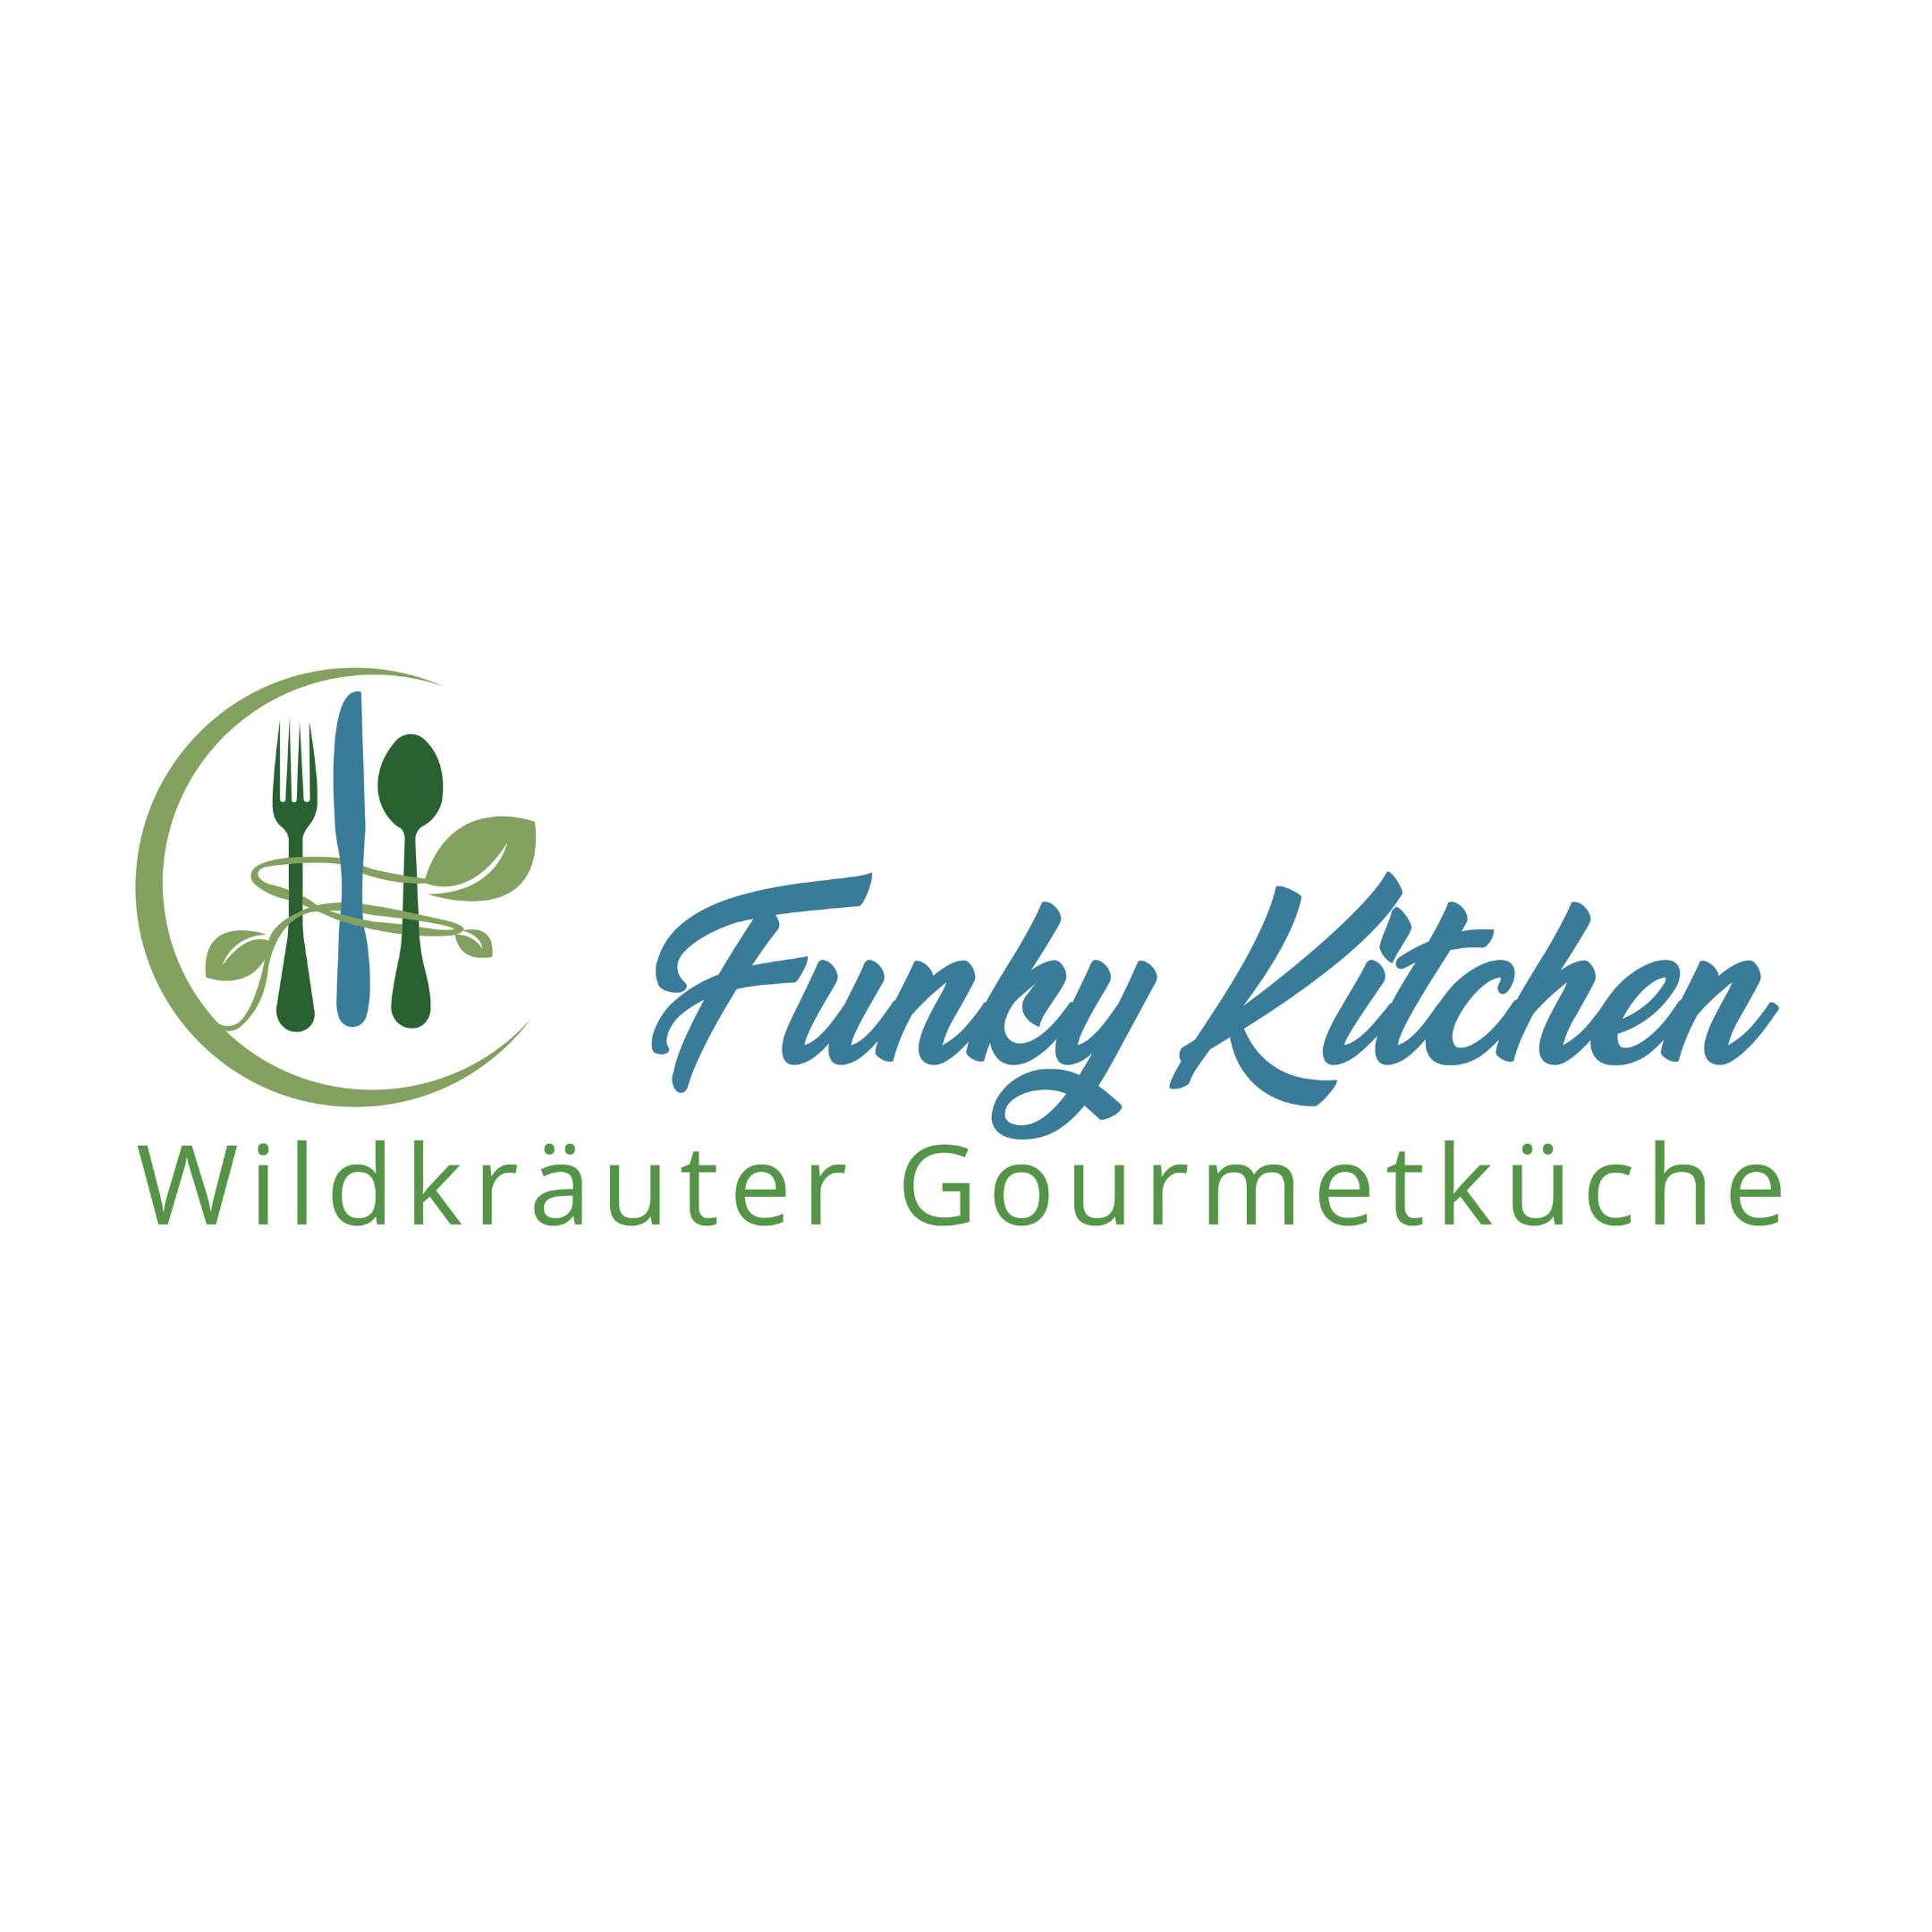 Funky Kitchen Wildkräutergourmetküche